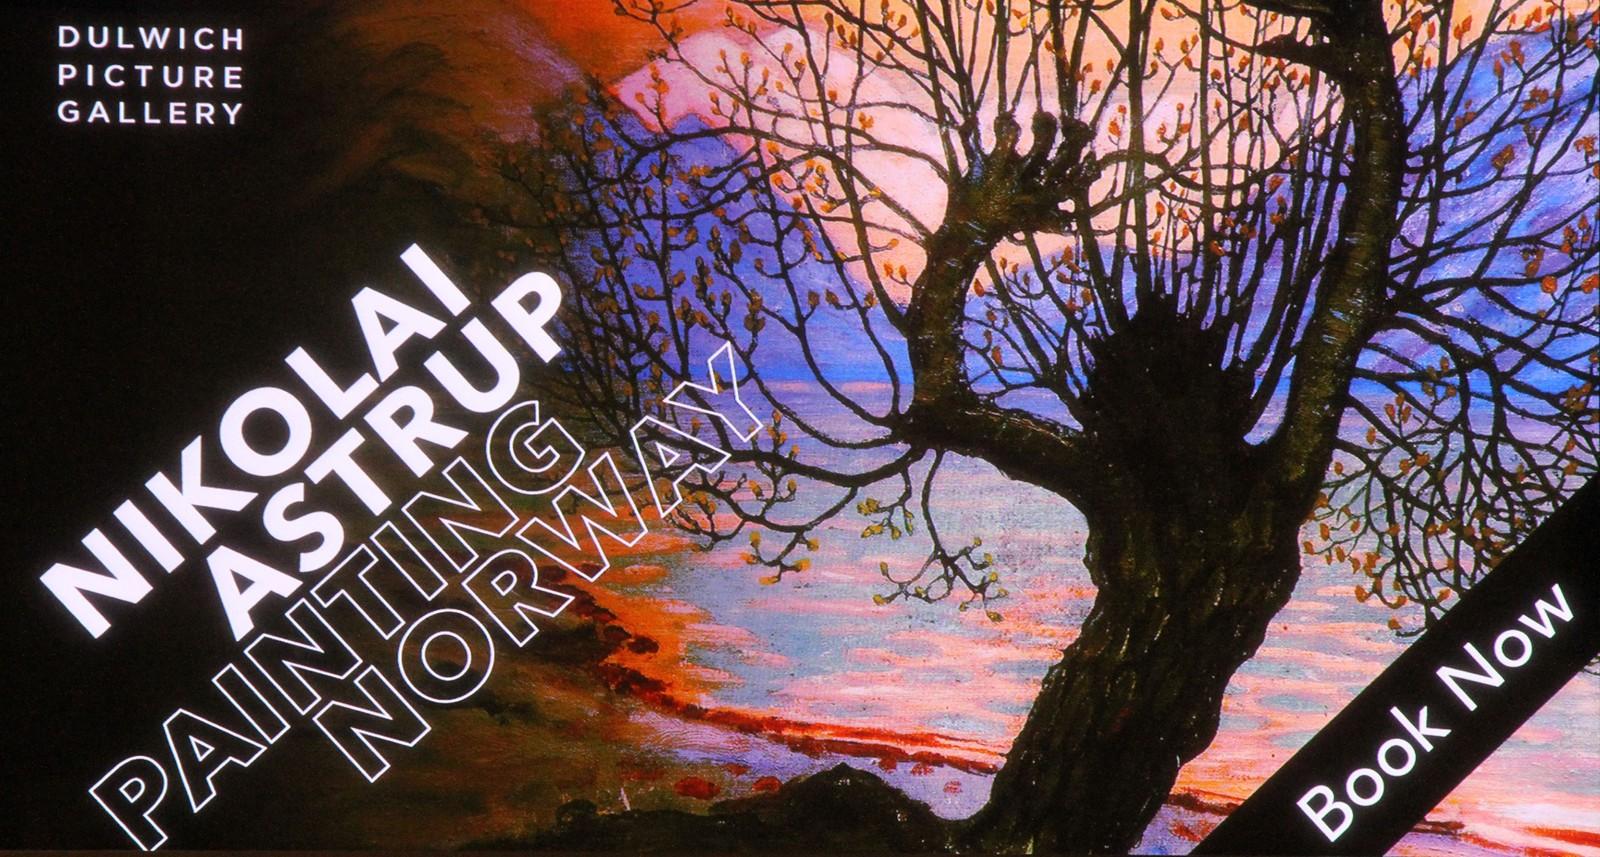 Digital promo i resepsjonen til Dulwich Picture Gallery.